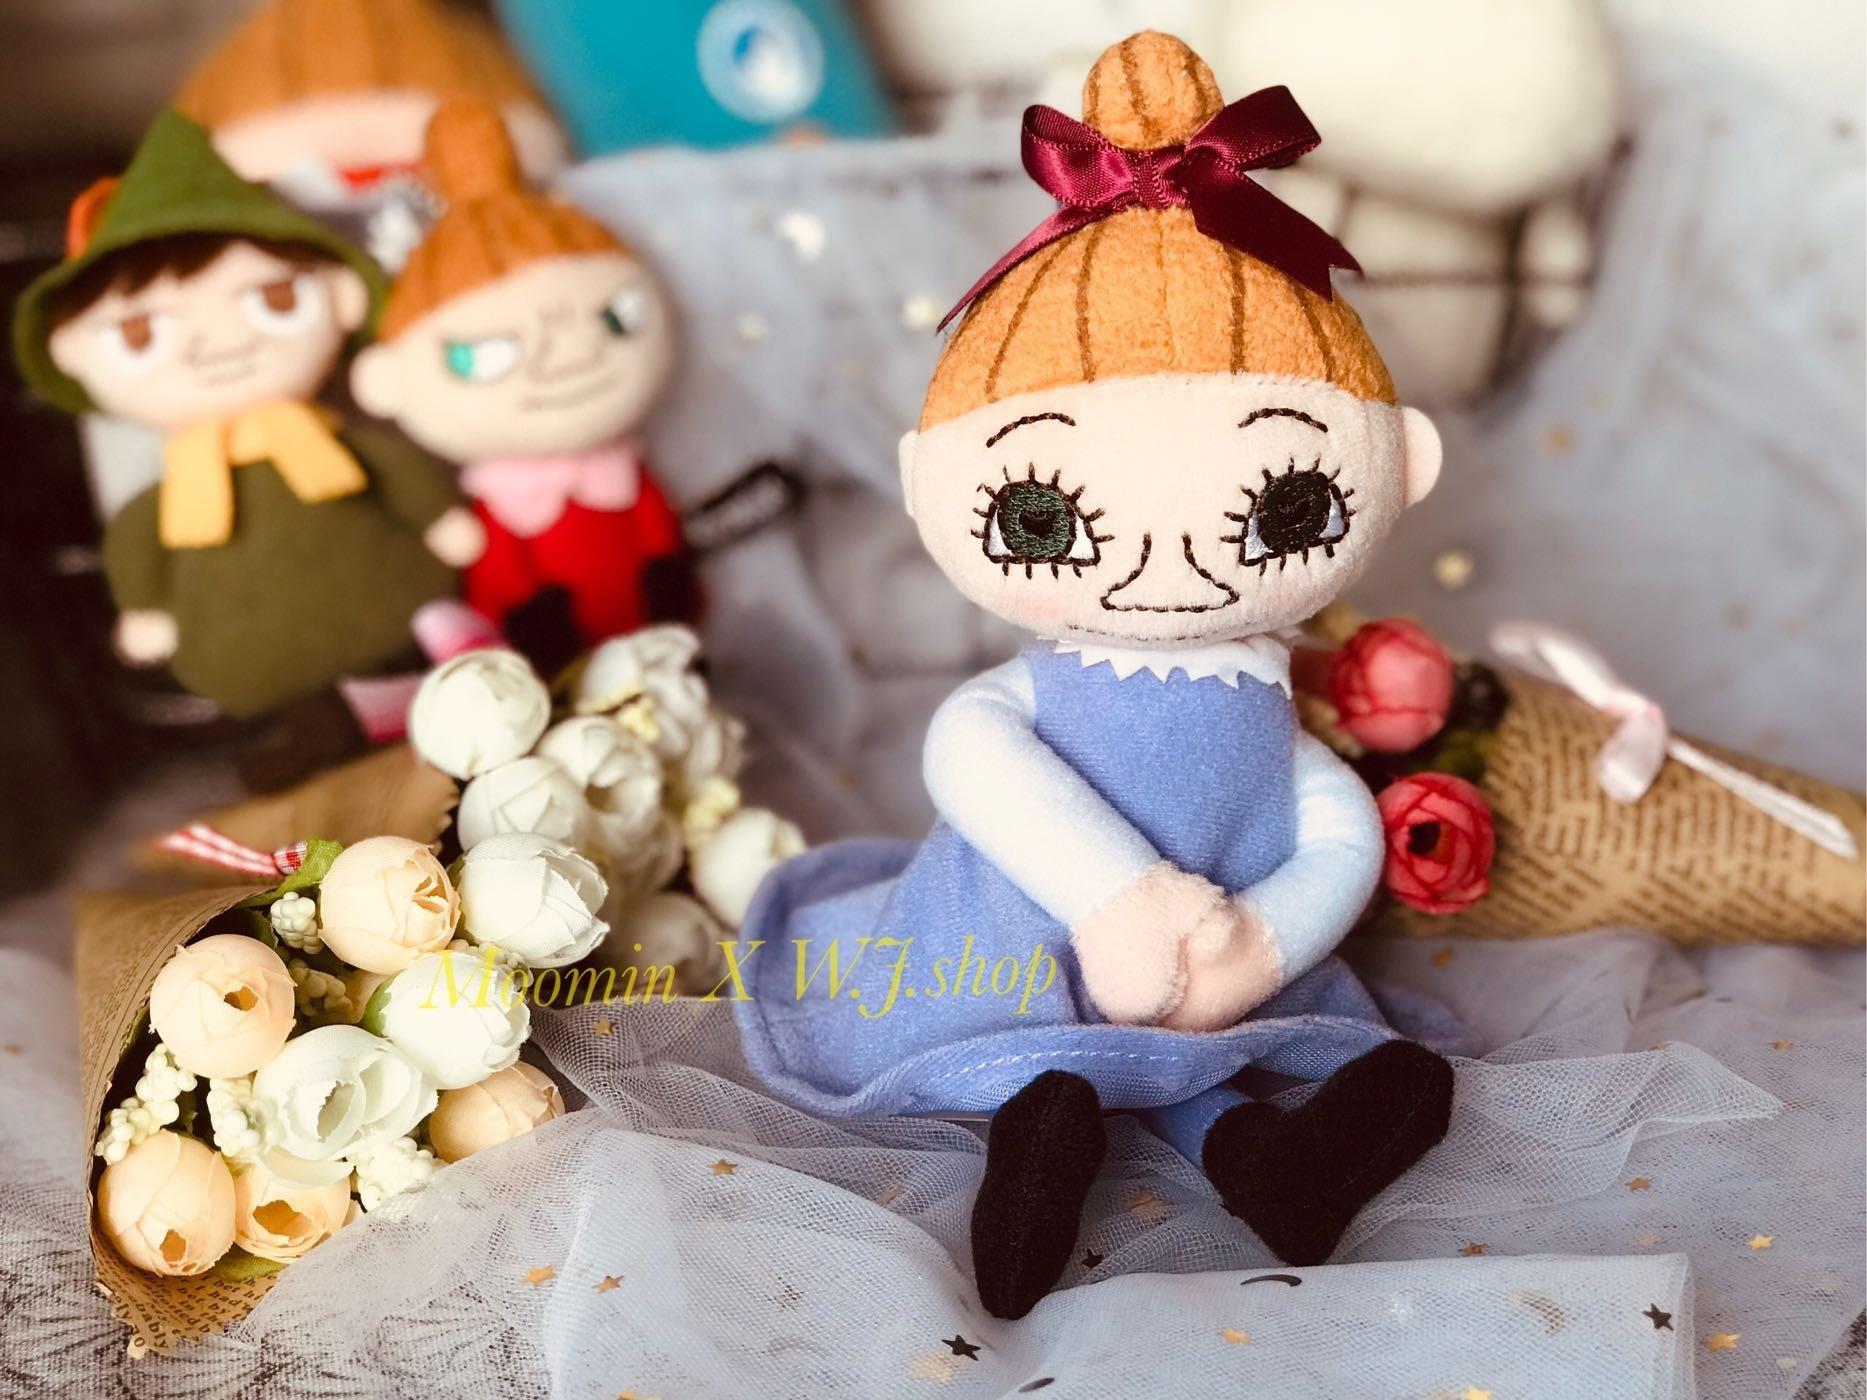 現貨☆汪將☆日本正版 moomin 慕敏家族 嚕嚕米 小美 小不點 紫色 美寶 dream mimura 絨毛布偶 娃娃